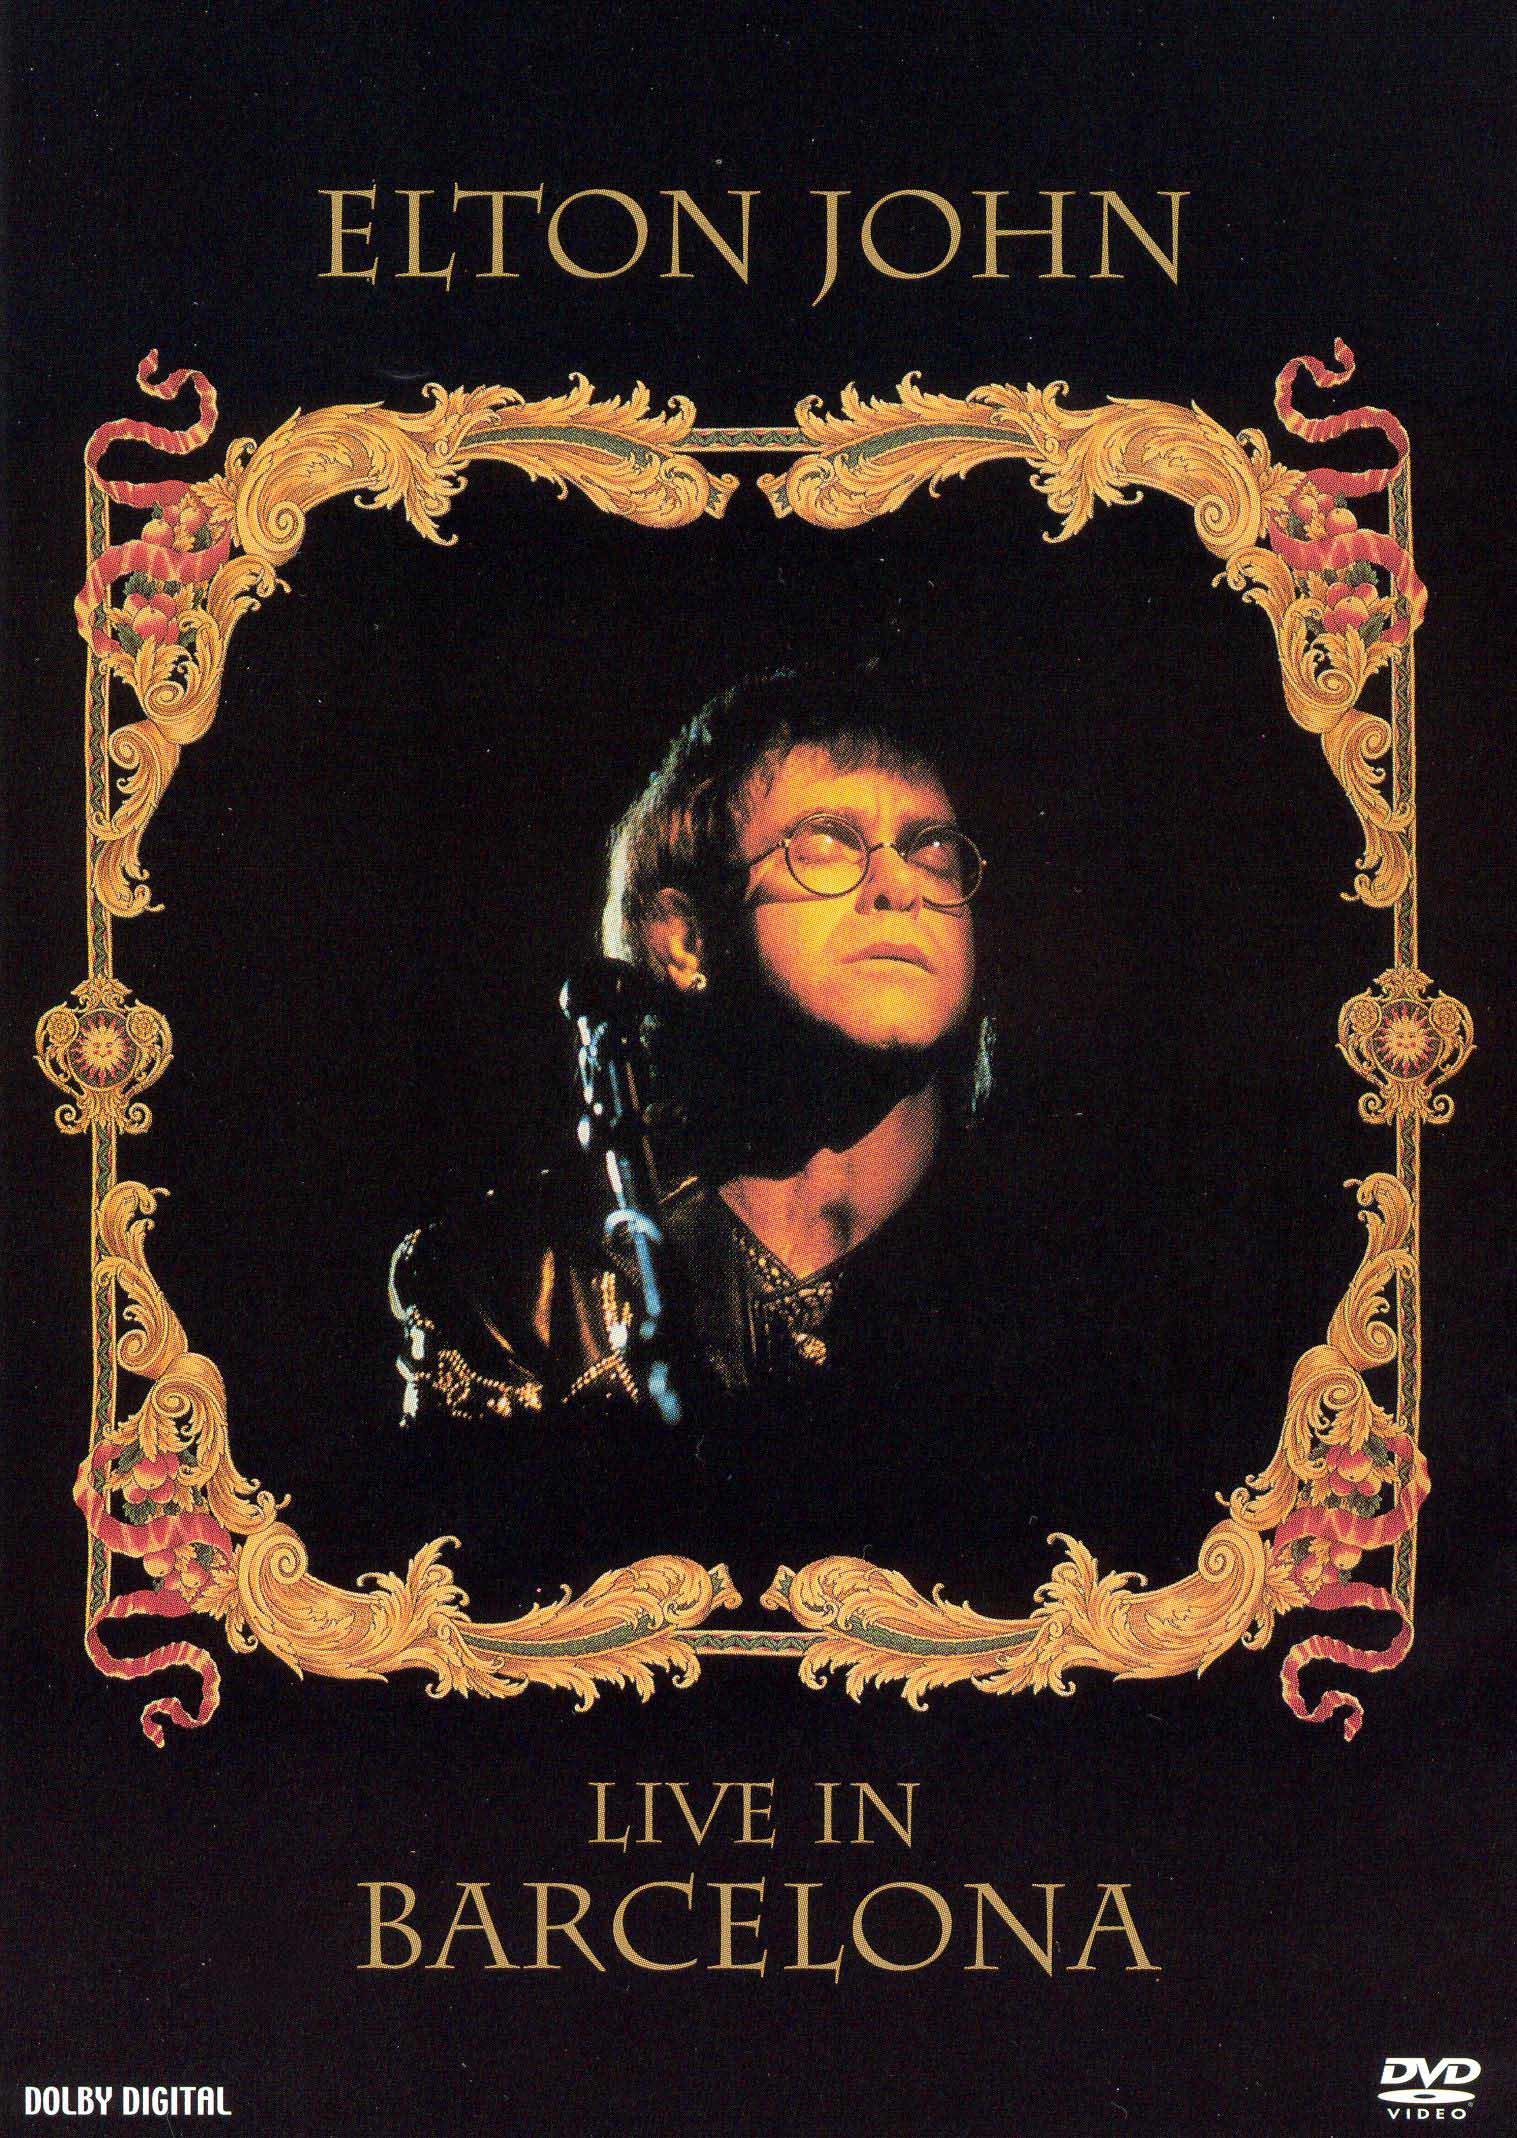 Elton John: Live in Barcelona - World Tour 1992